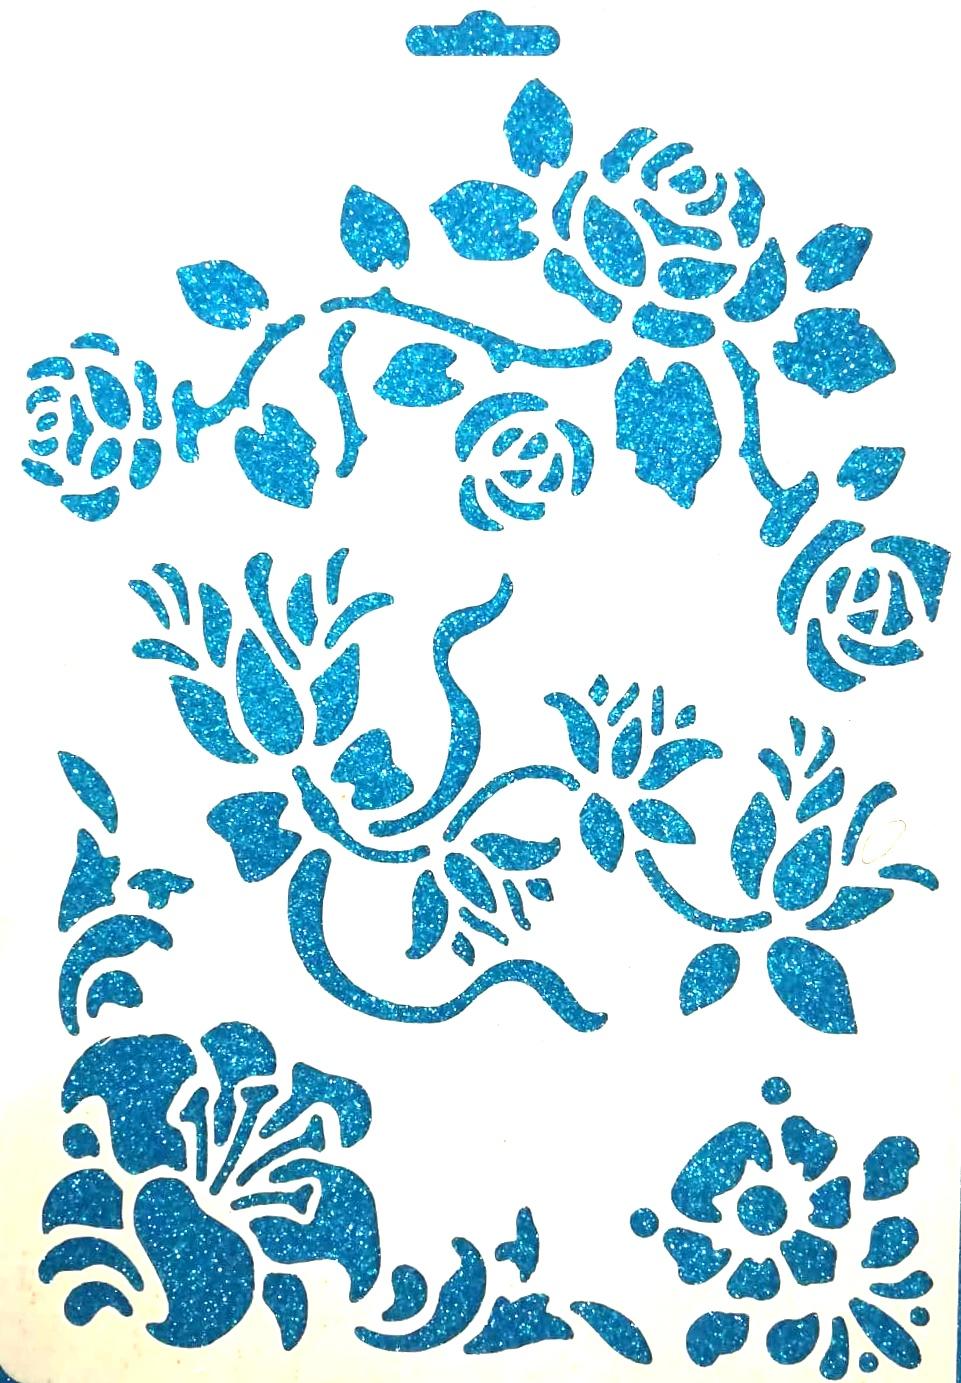 2d3391d059 Sablon négyféle virág mintával - Create hobbyáruház dekor kellékek ...